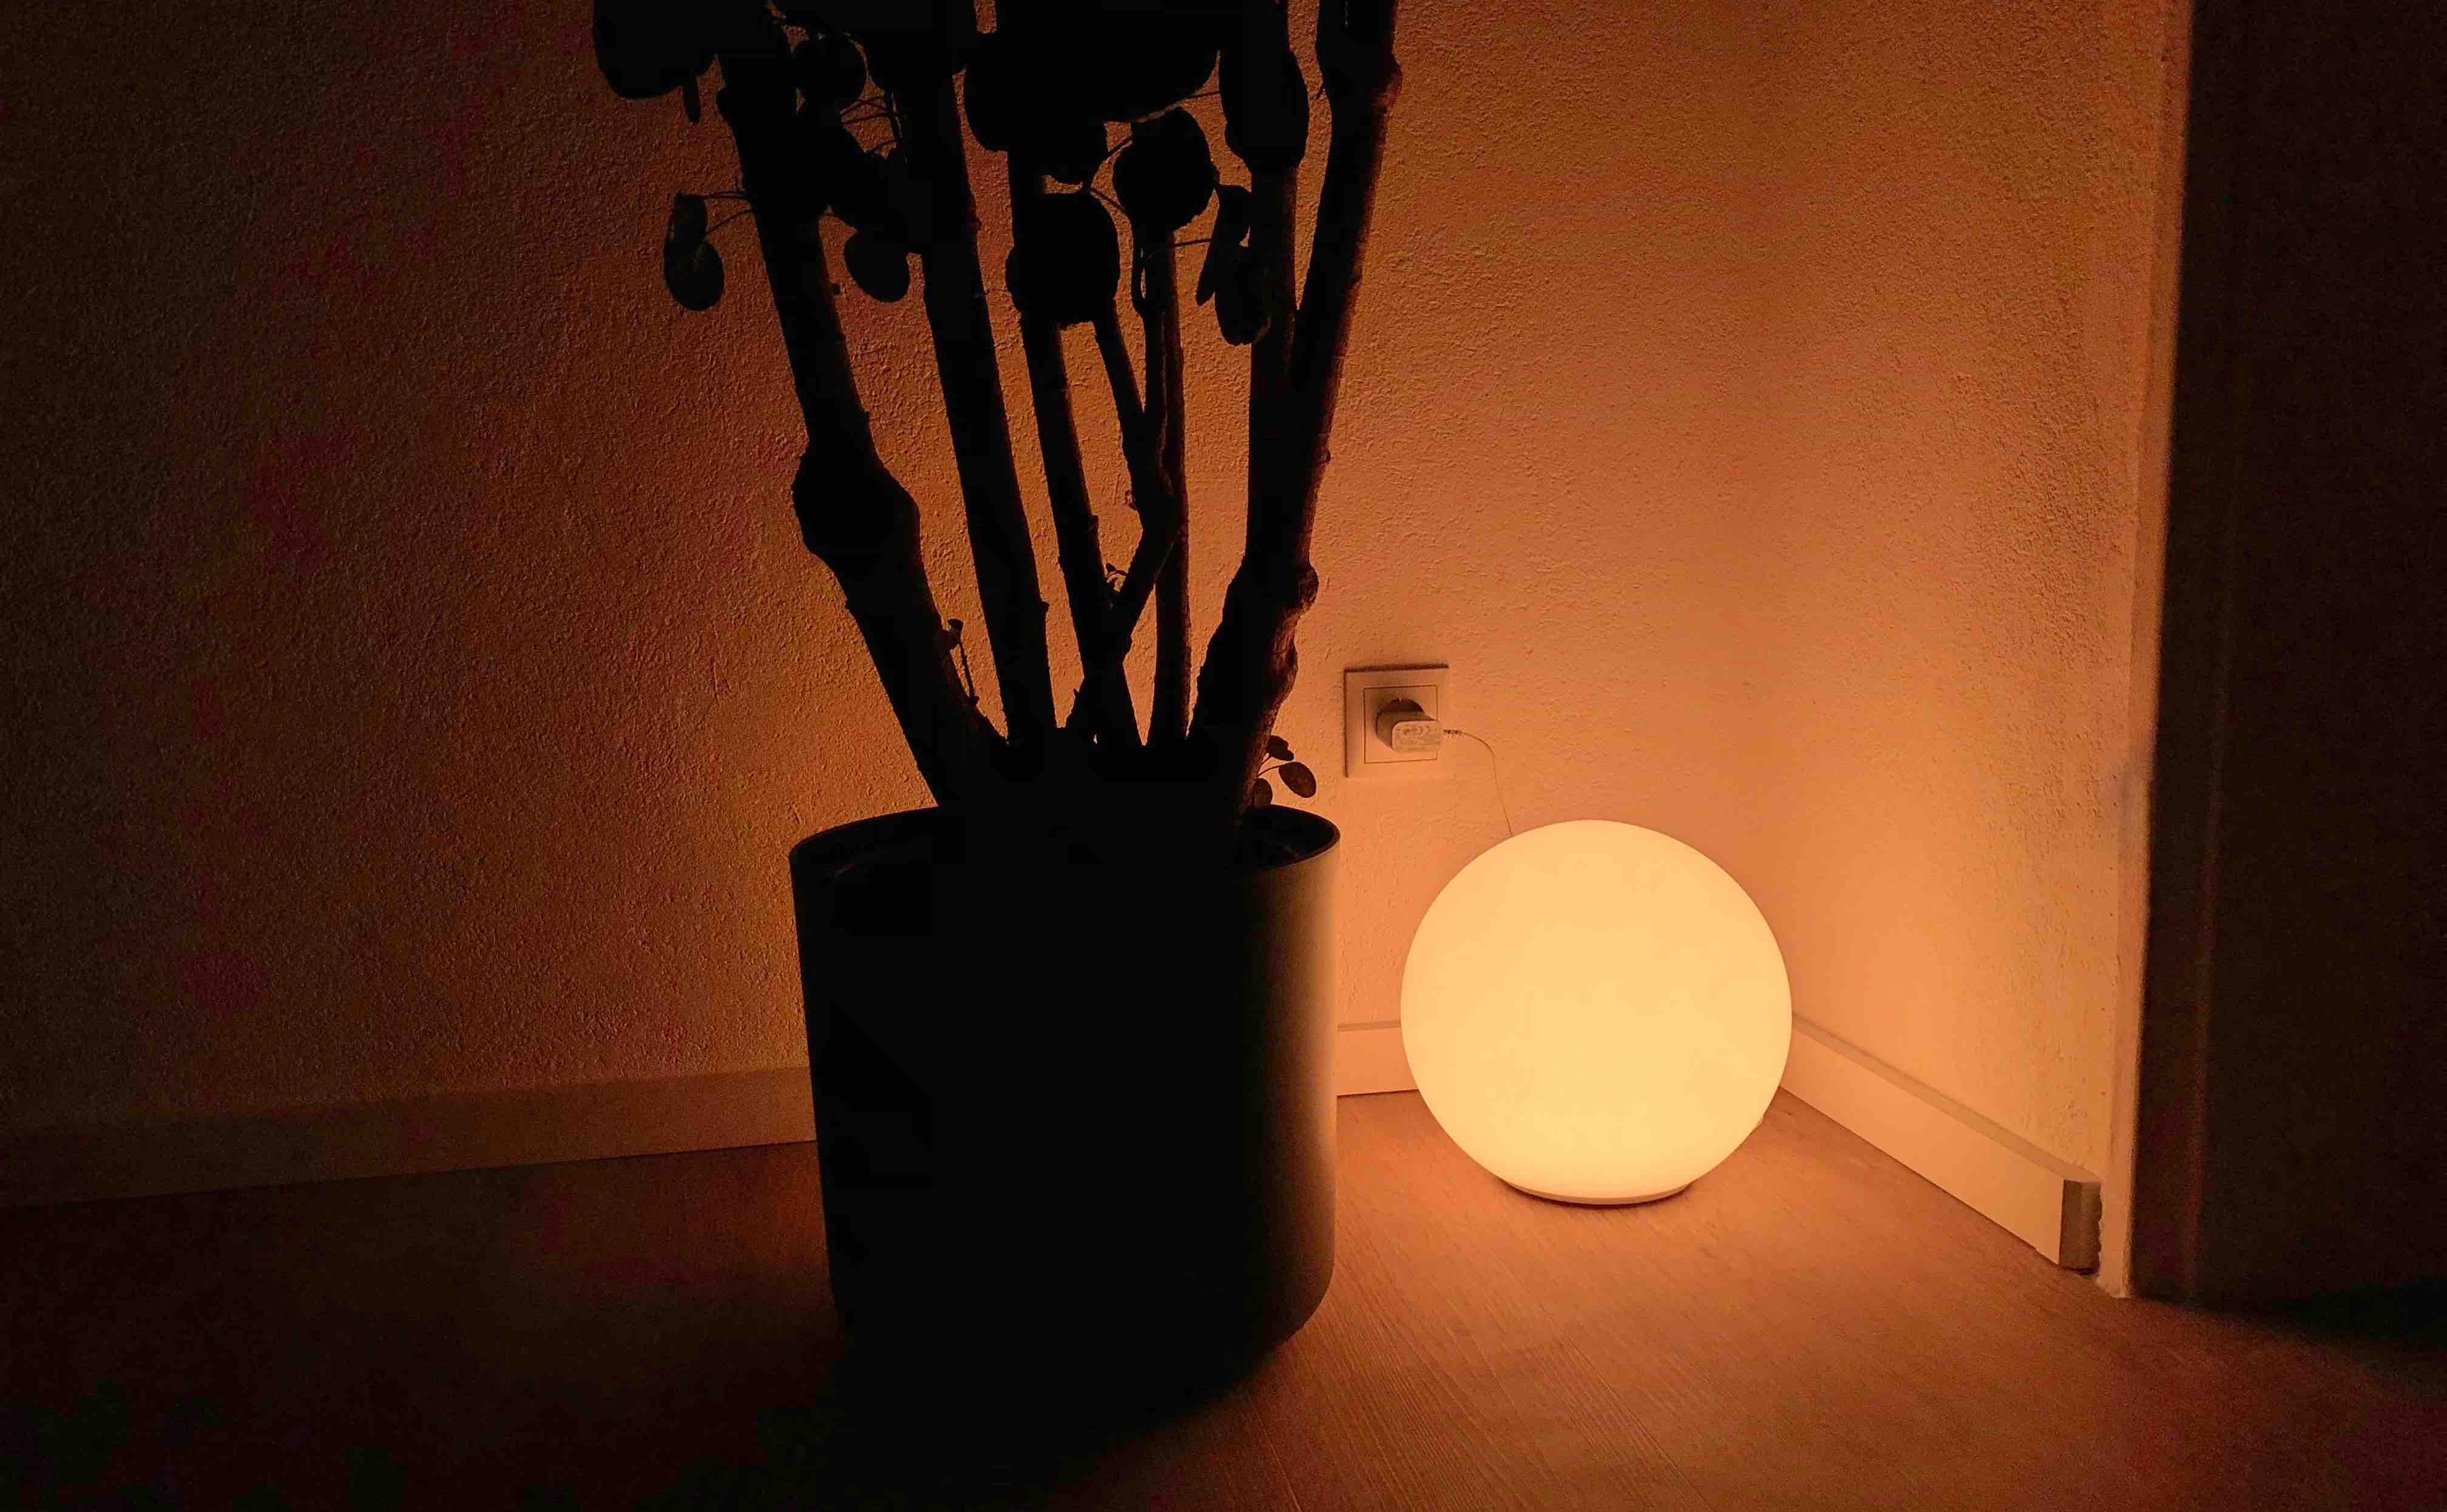 Eve_Flare_Elgato_HomeKit_Licht_Review4 Der Eve Flare von Eve - die HomeKit-Leuchtkugel für drinnen und draußen